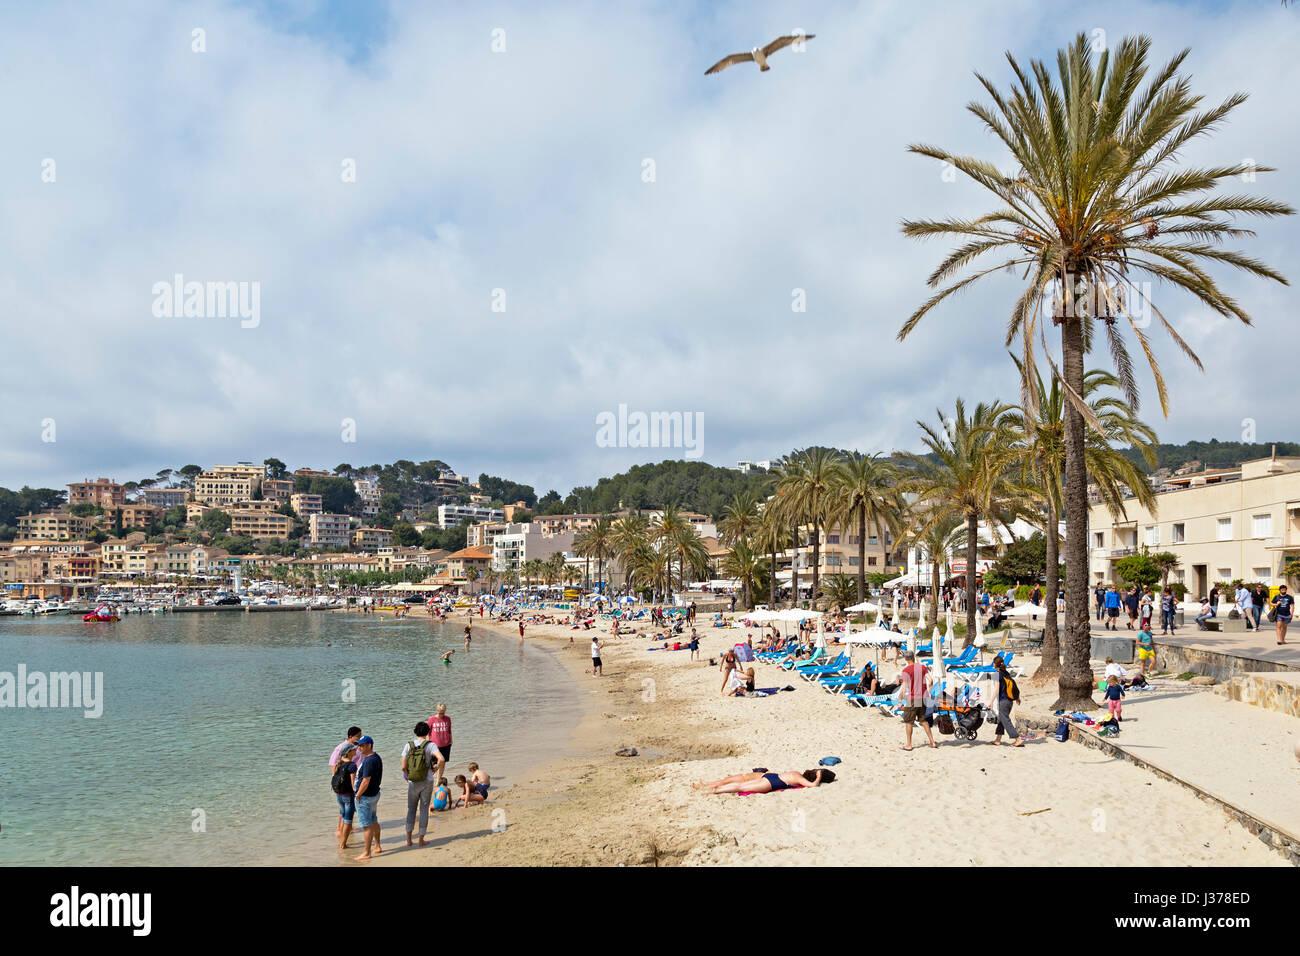 beach in Port de Sóller, Mallorca, Spain - Stock Image